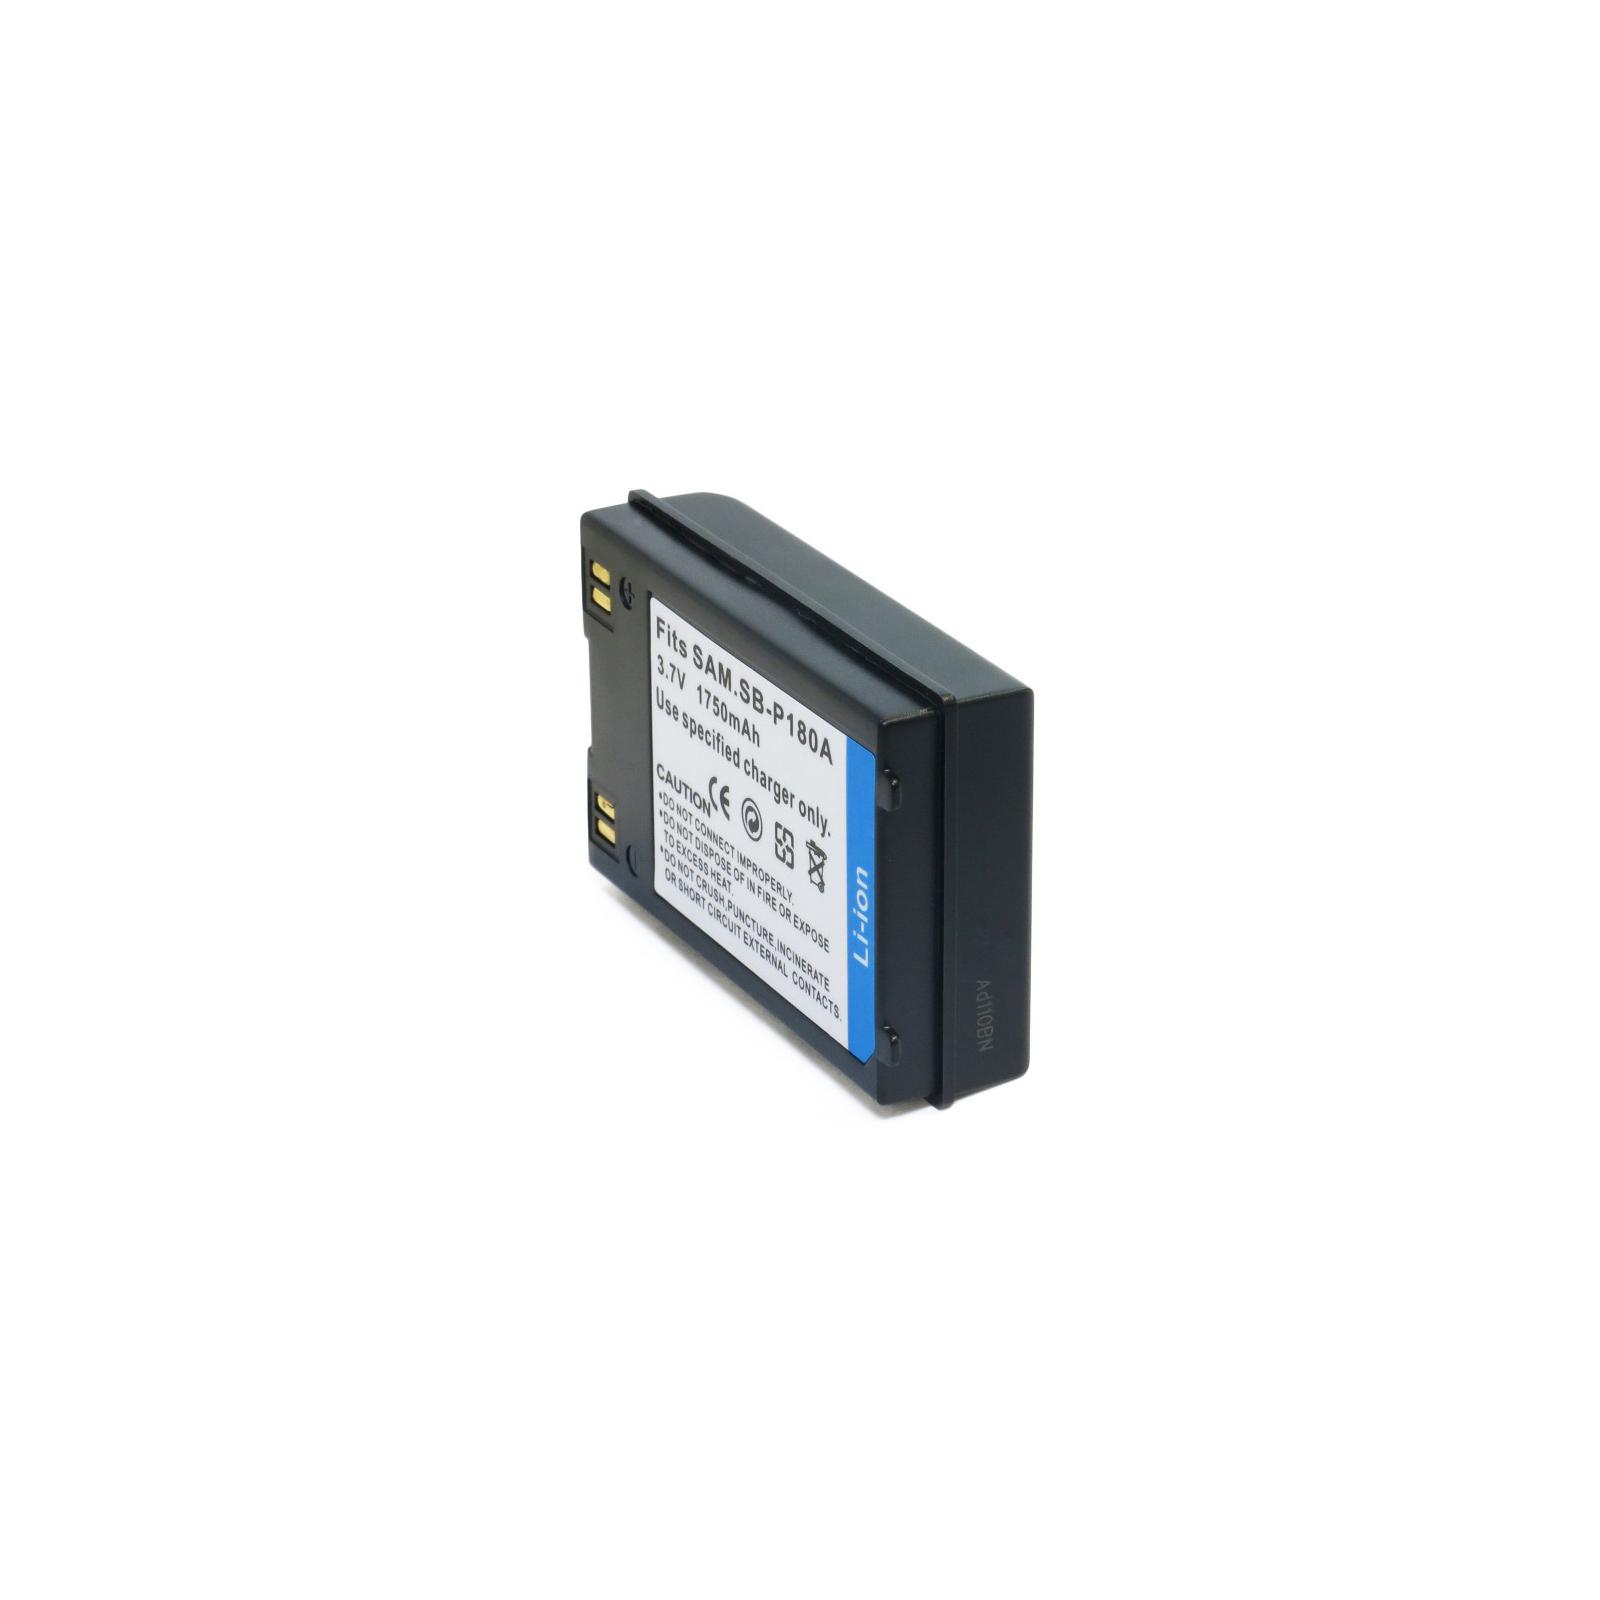 Аккумулятор к фото/видео EXTRADIGITAL Samsung SB-P180A (DV00DV1237) изображение 2